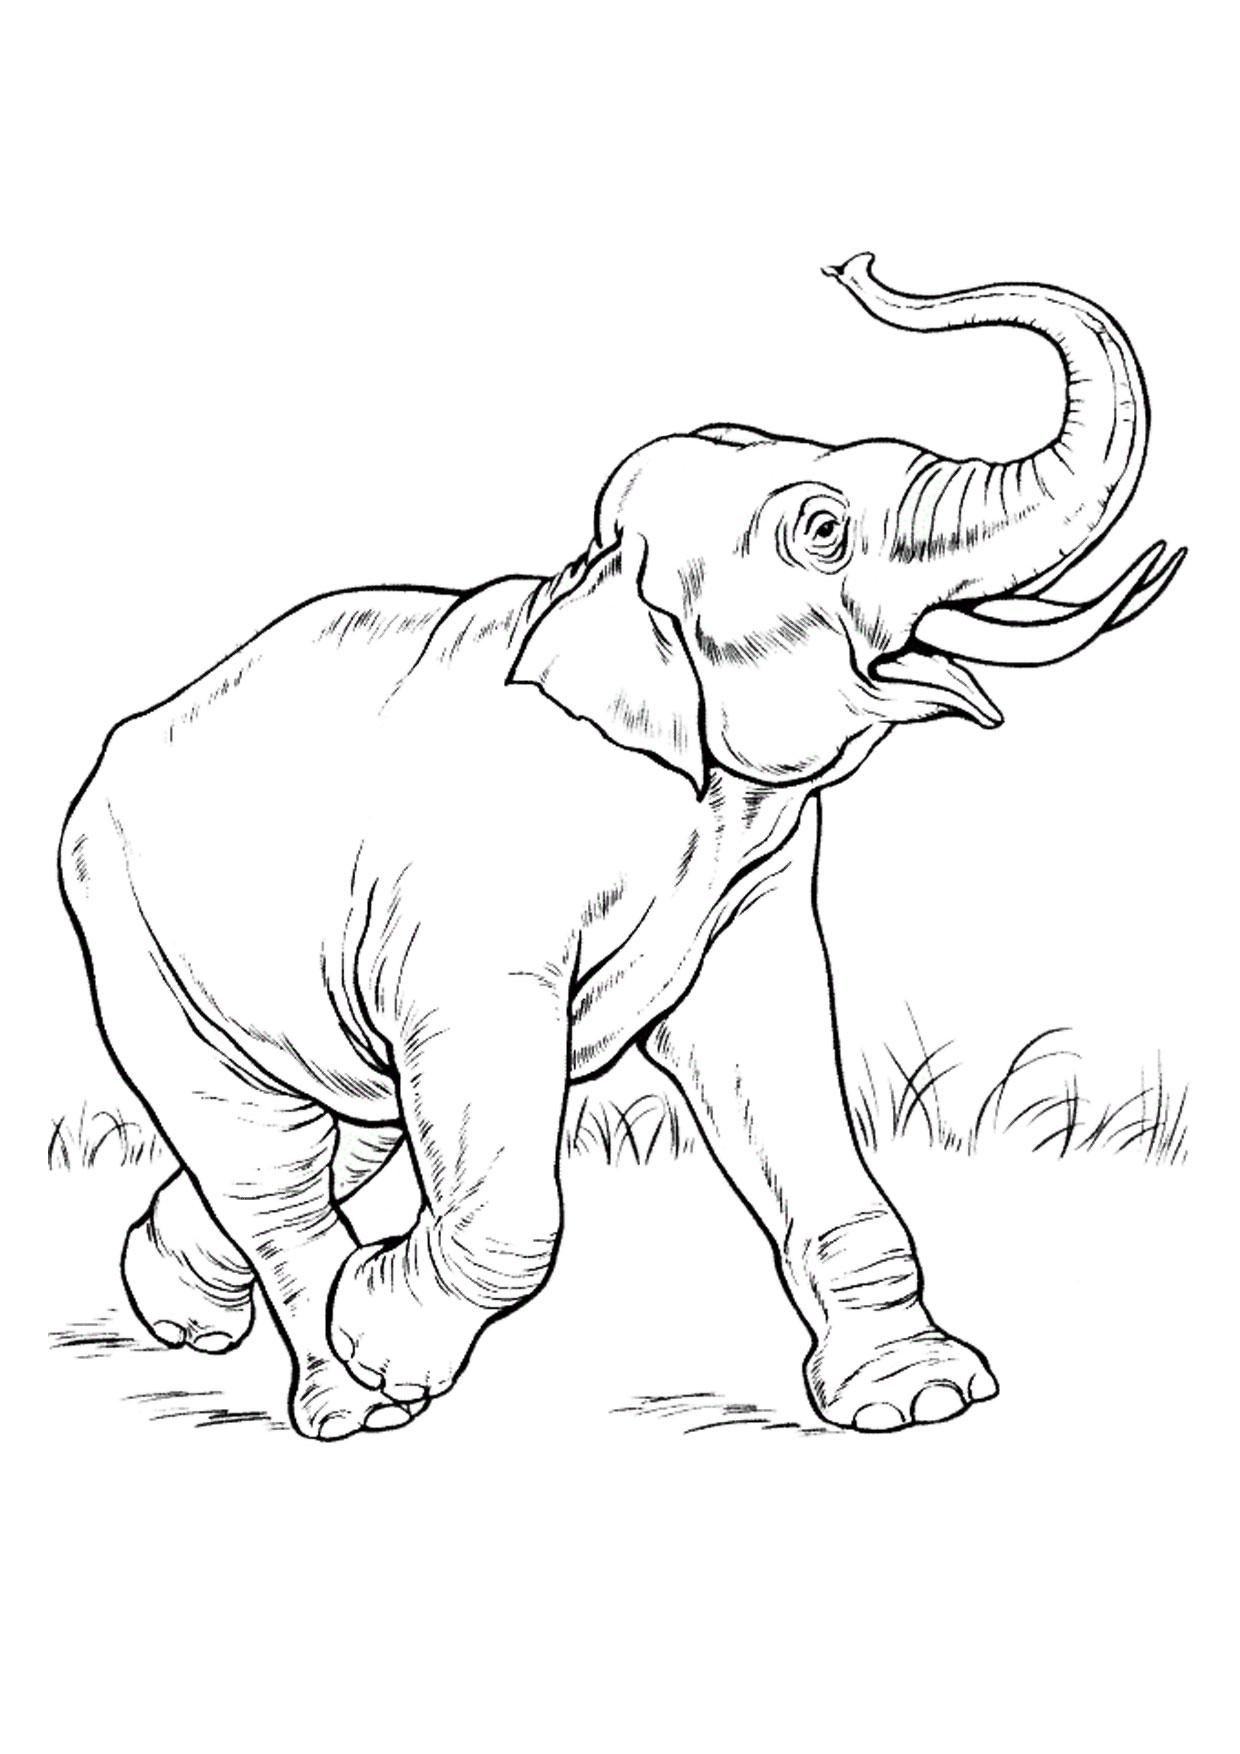 Disegno di elefanti da colorare 24